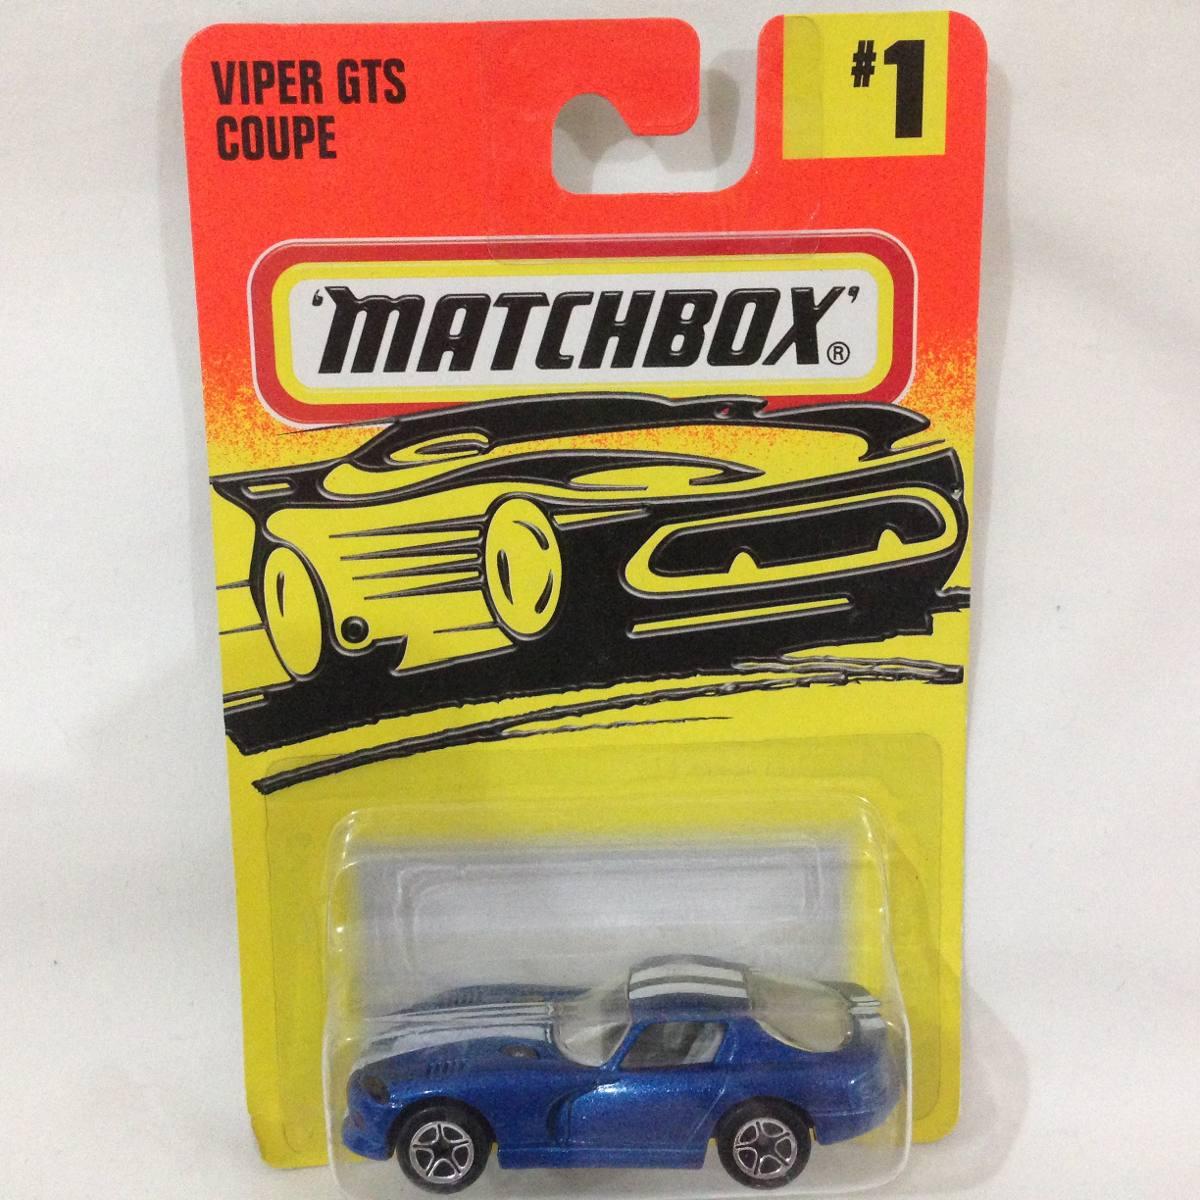 Dodge Viper GTS Coupe - 4051